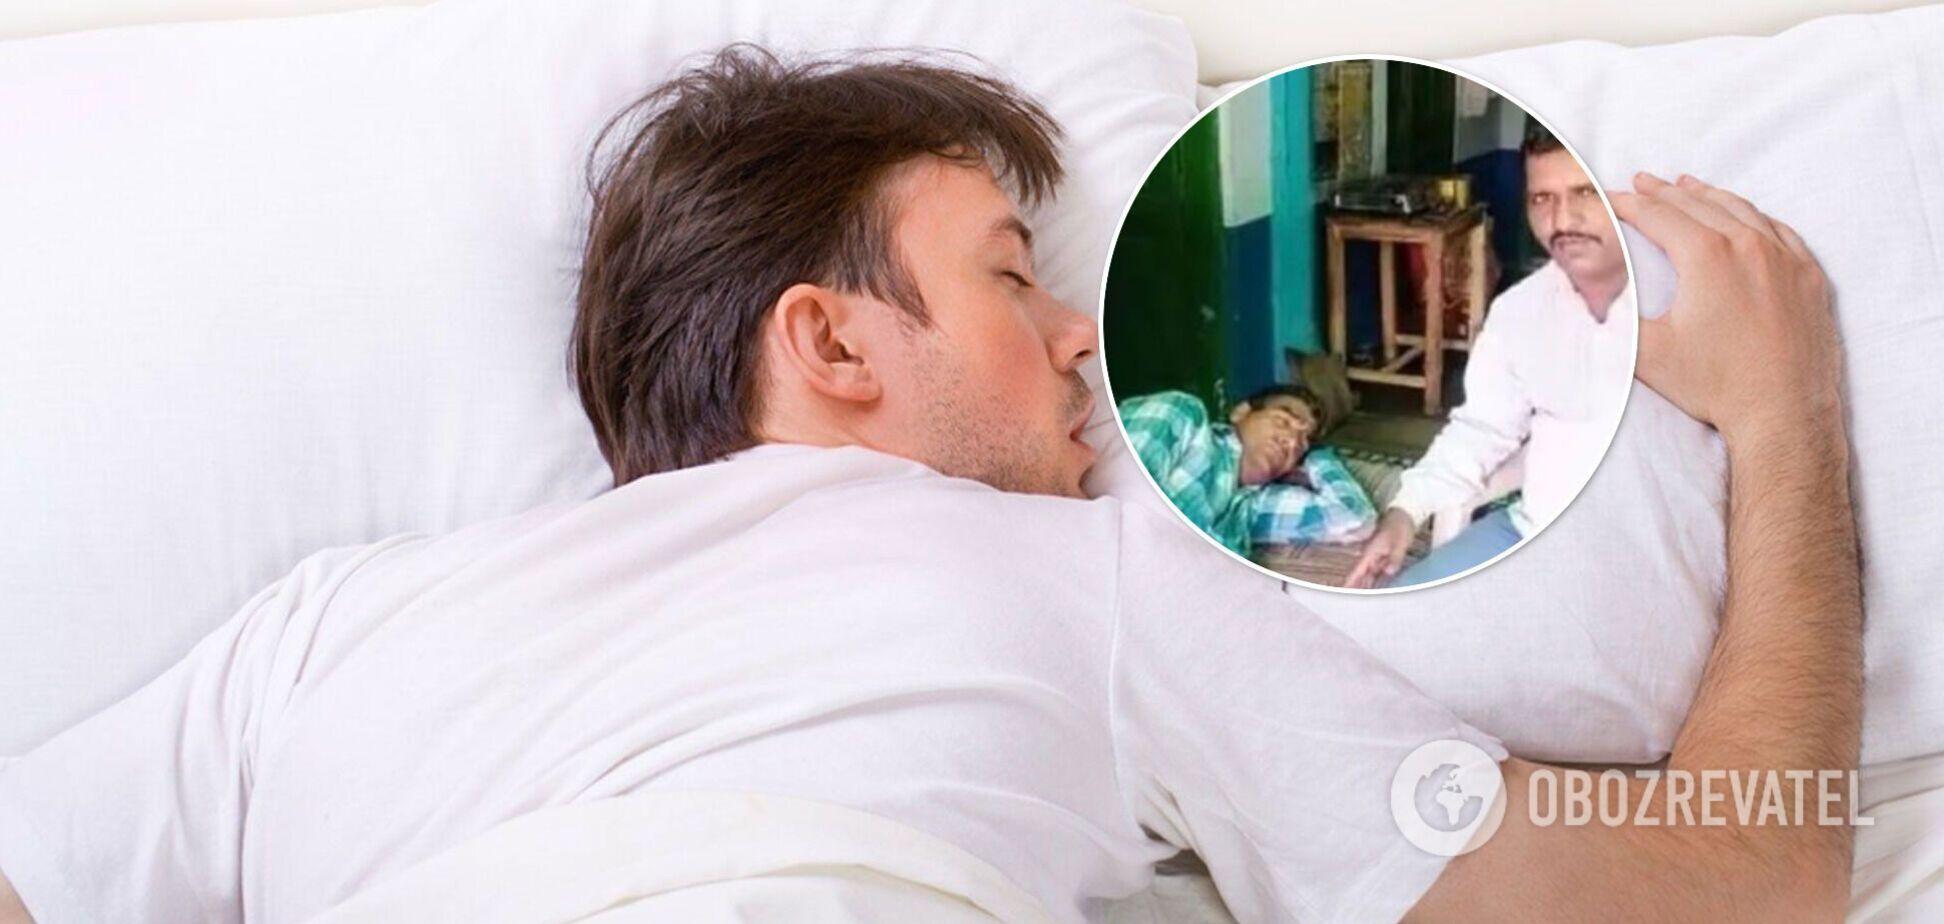 Чоловіка, який спить 300 днів на рік, охрестили 'індійським богом'. Фото